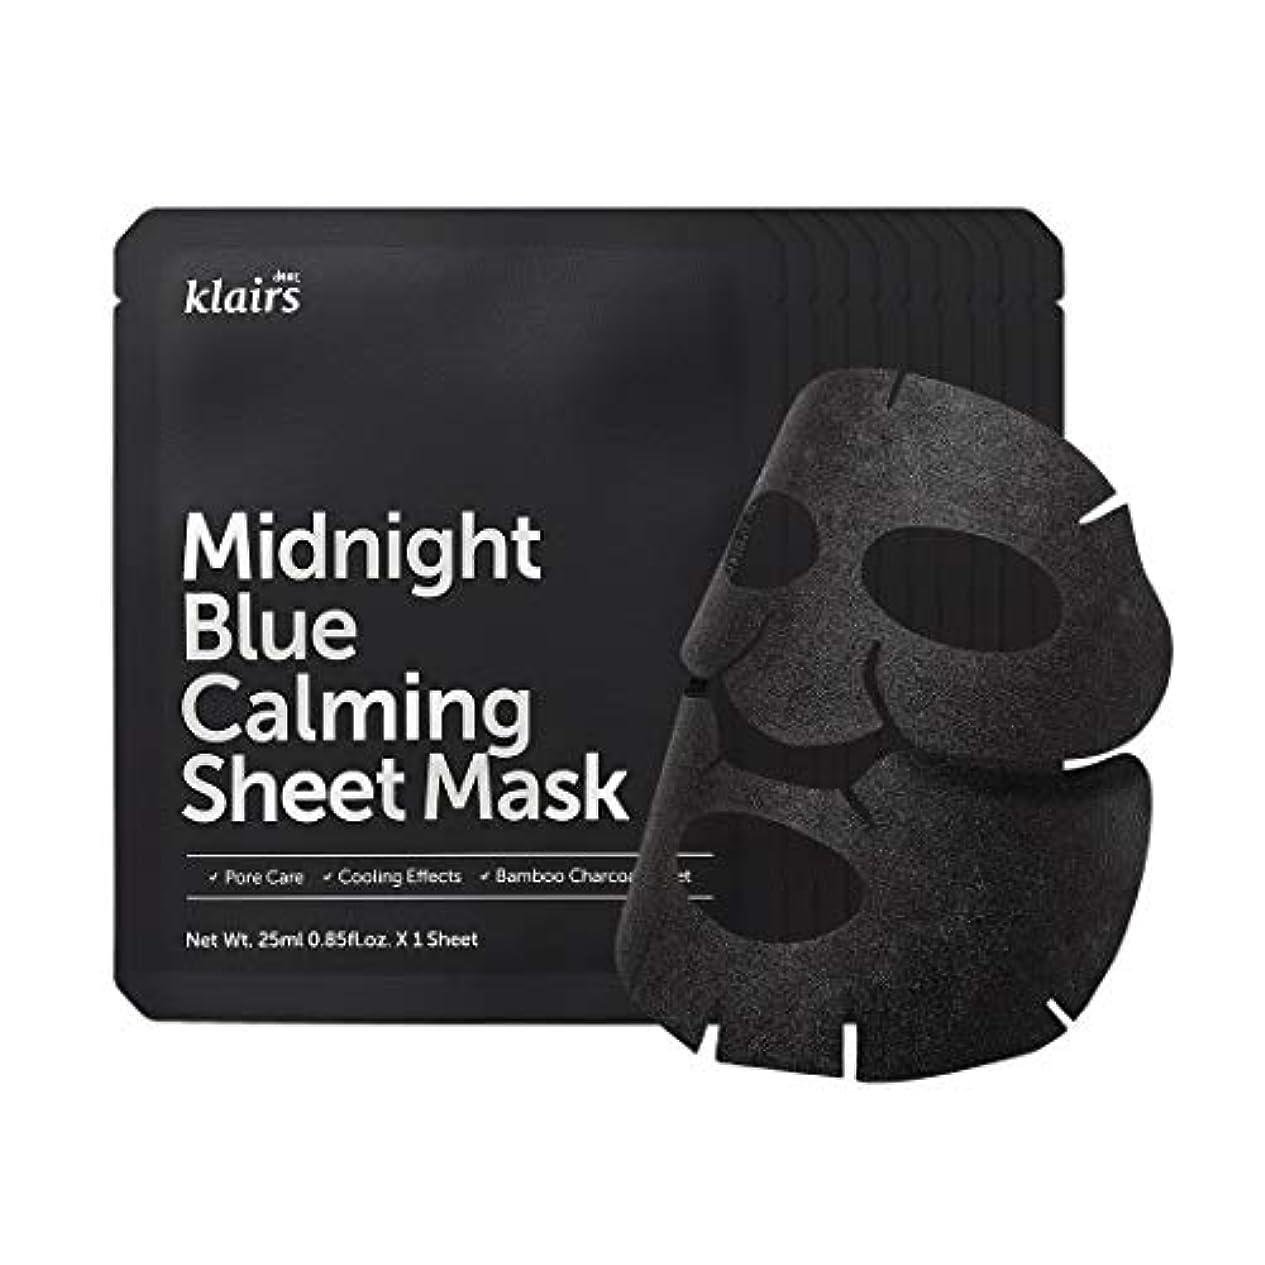 真剣に砂アセンブリクレアスミッドナイトブルーカーミングクリーム25mlX10枚セット (Klairs Midnight Blue Calming Sheet Mask 25mlX10ea) [並行輸入品]